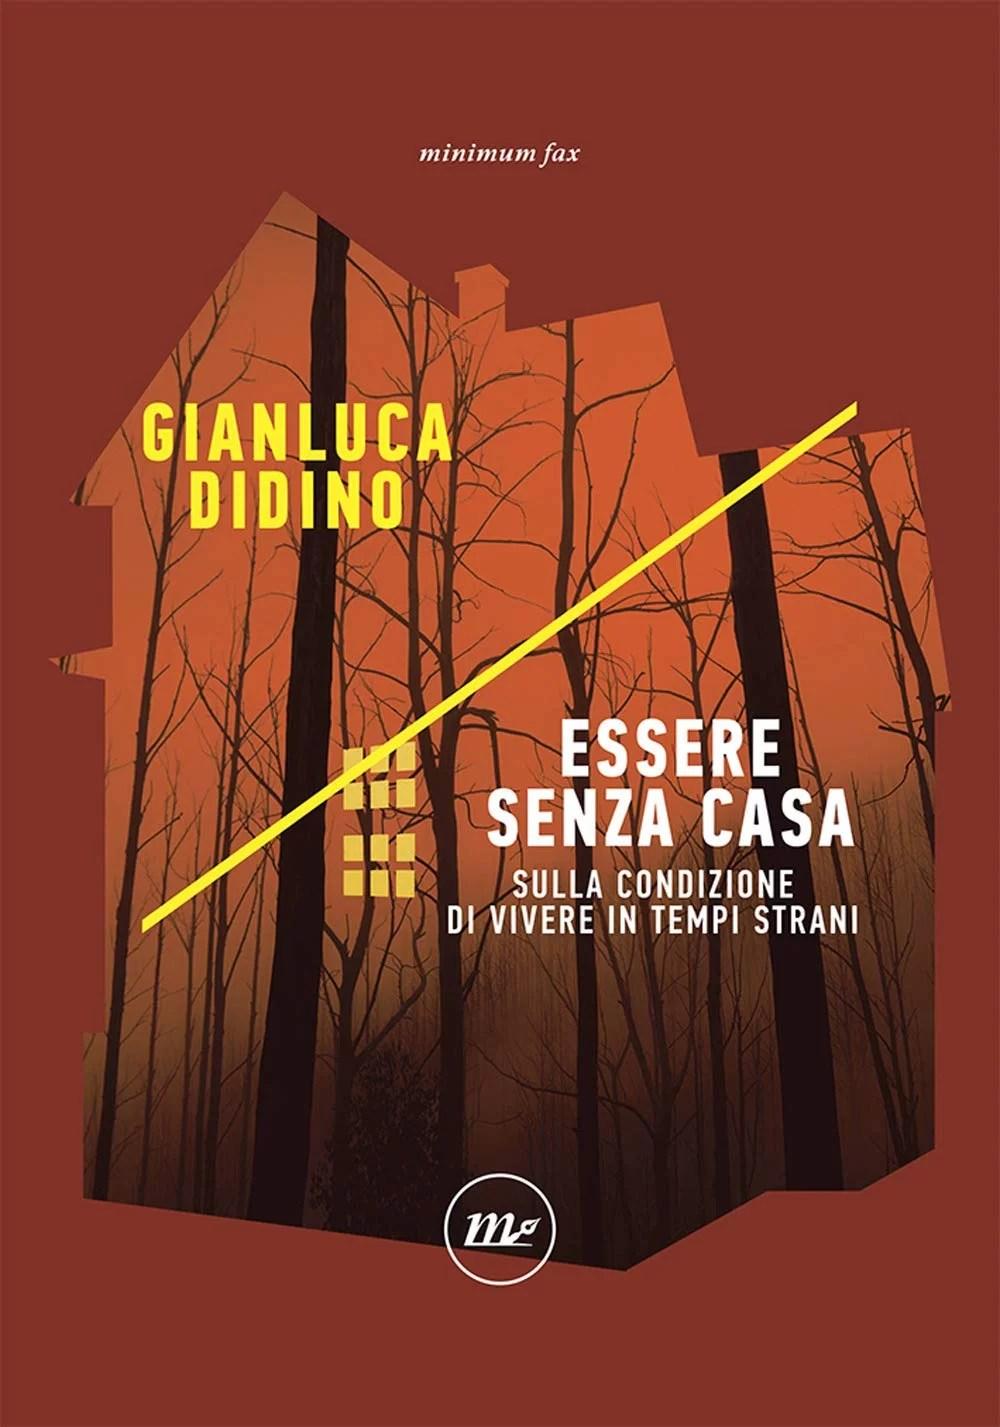 """Gianluca Didino """"Essere senza casa"""":  recensione e intervista all'autore"""